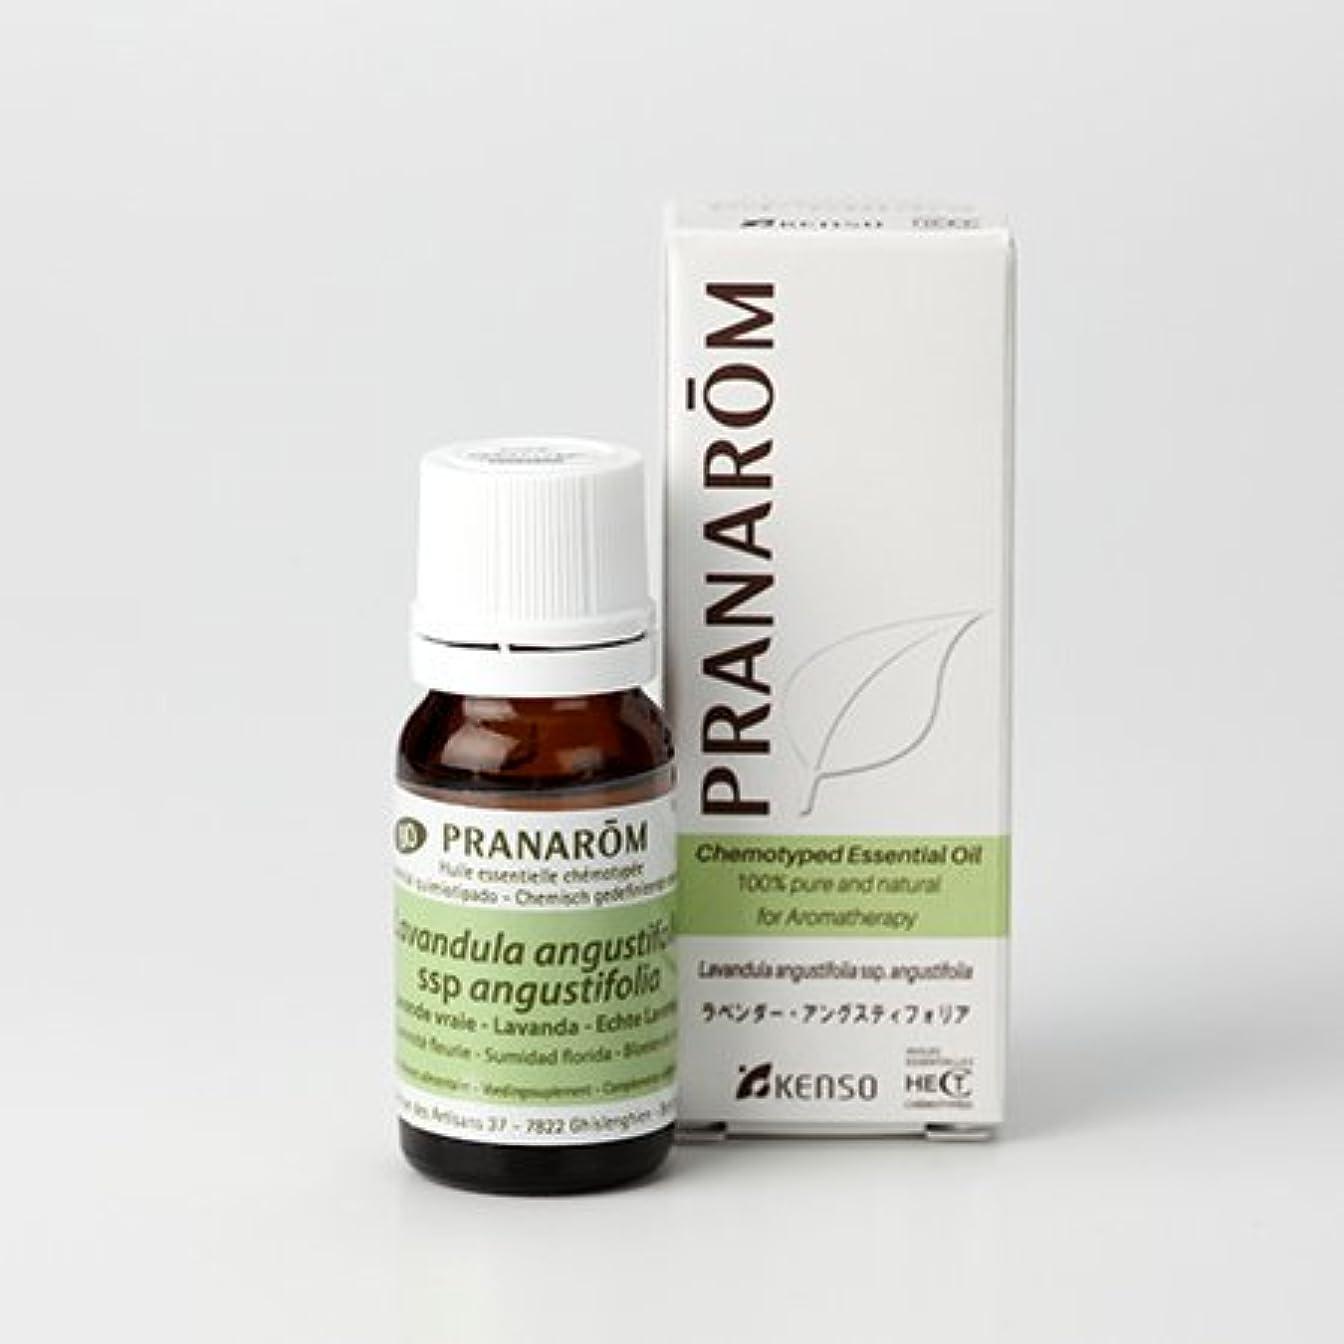 発動機バイアスシニスプラナロム精油(P-098 ラベンダーアングスティフォリア?10ml)